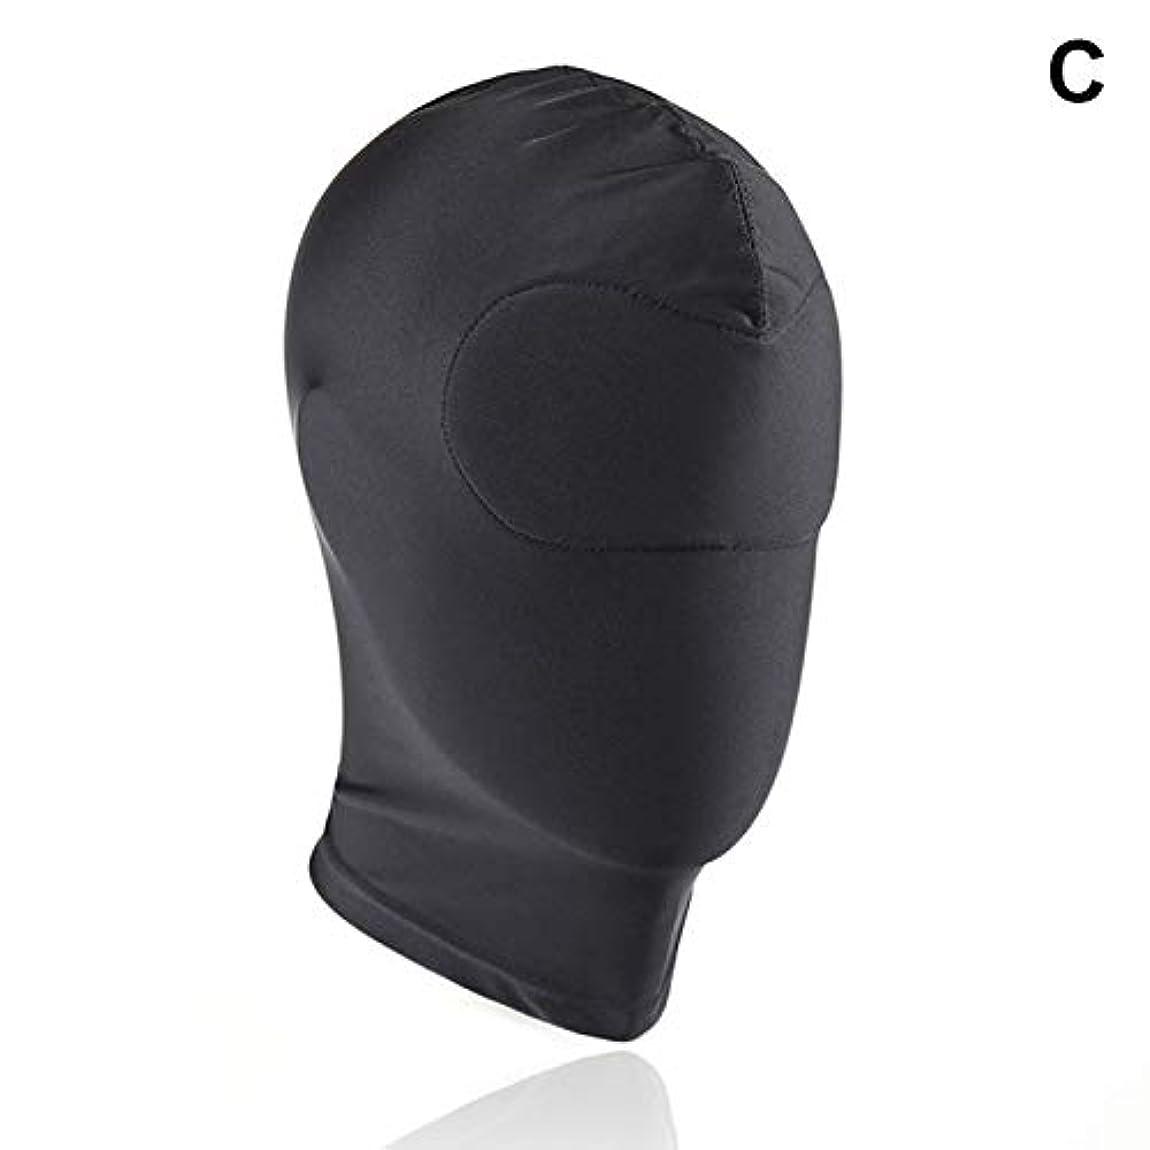 保守的元気セラーAlligado 1ピースマスクフードセックスグッズ製品ゲームコスプレボンデージヘッドギア安全なハロウィーンギフト